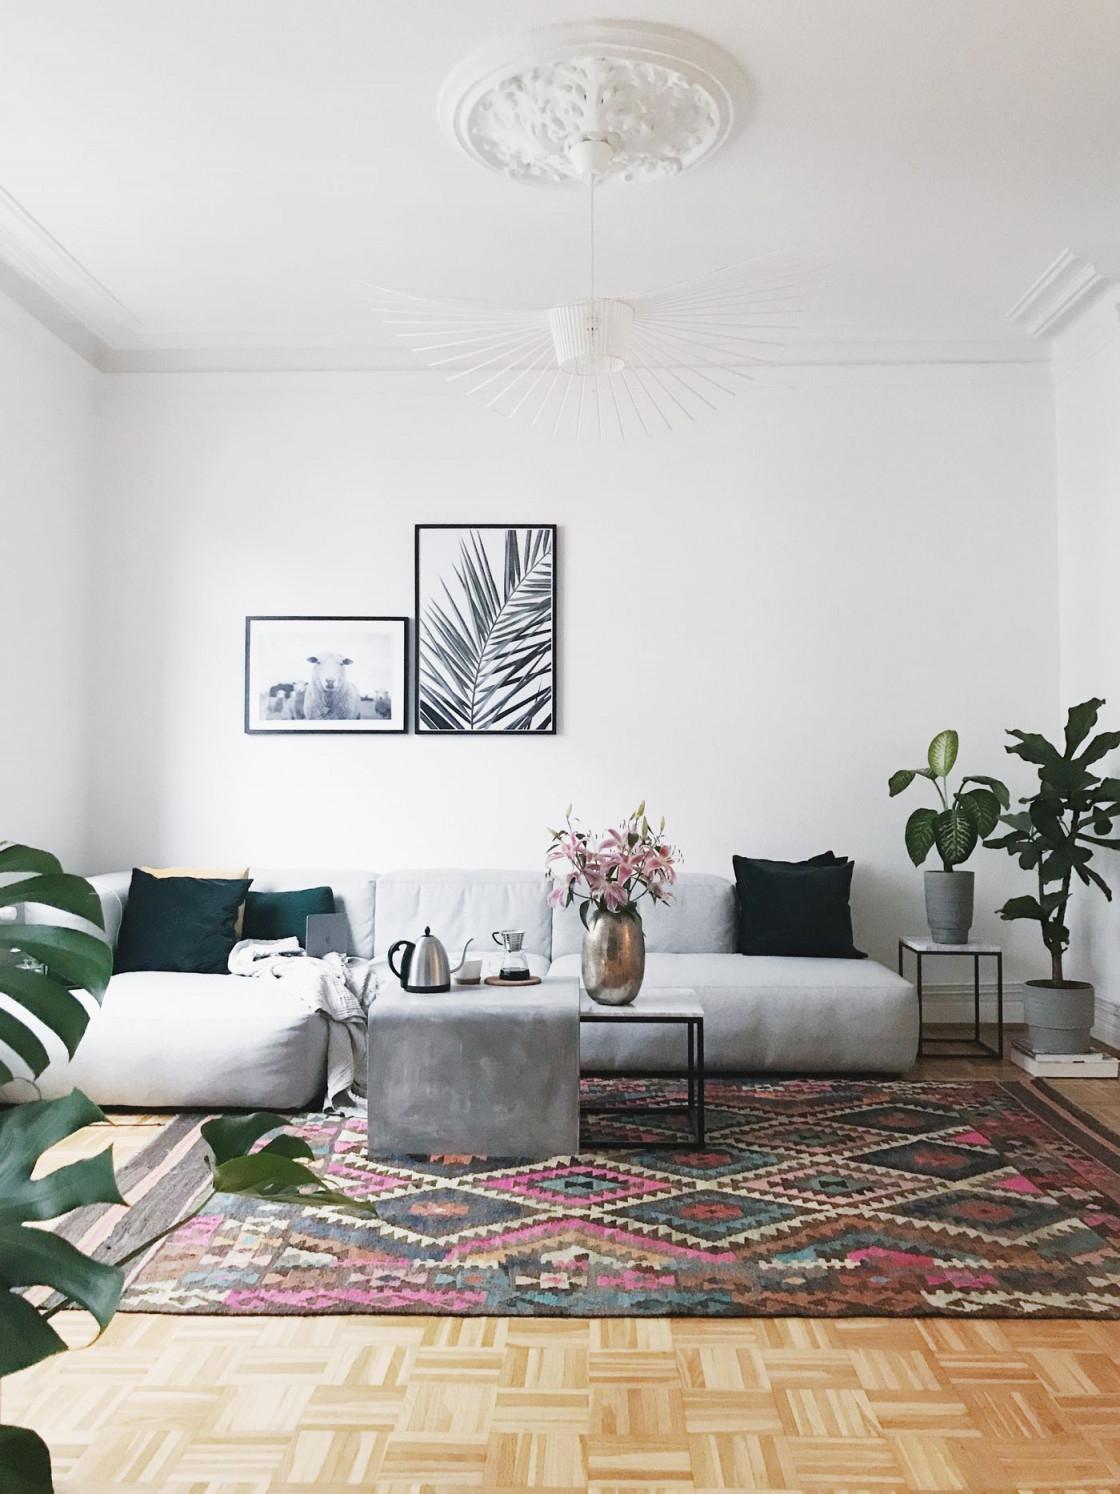 Die Schönsten Wohnzimmer Deko Ideen von Grosse Deko Für Wohnzimmer Bild